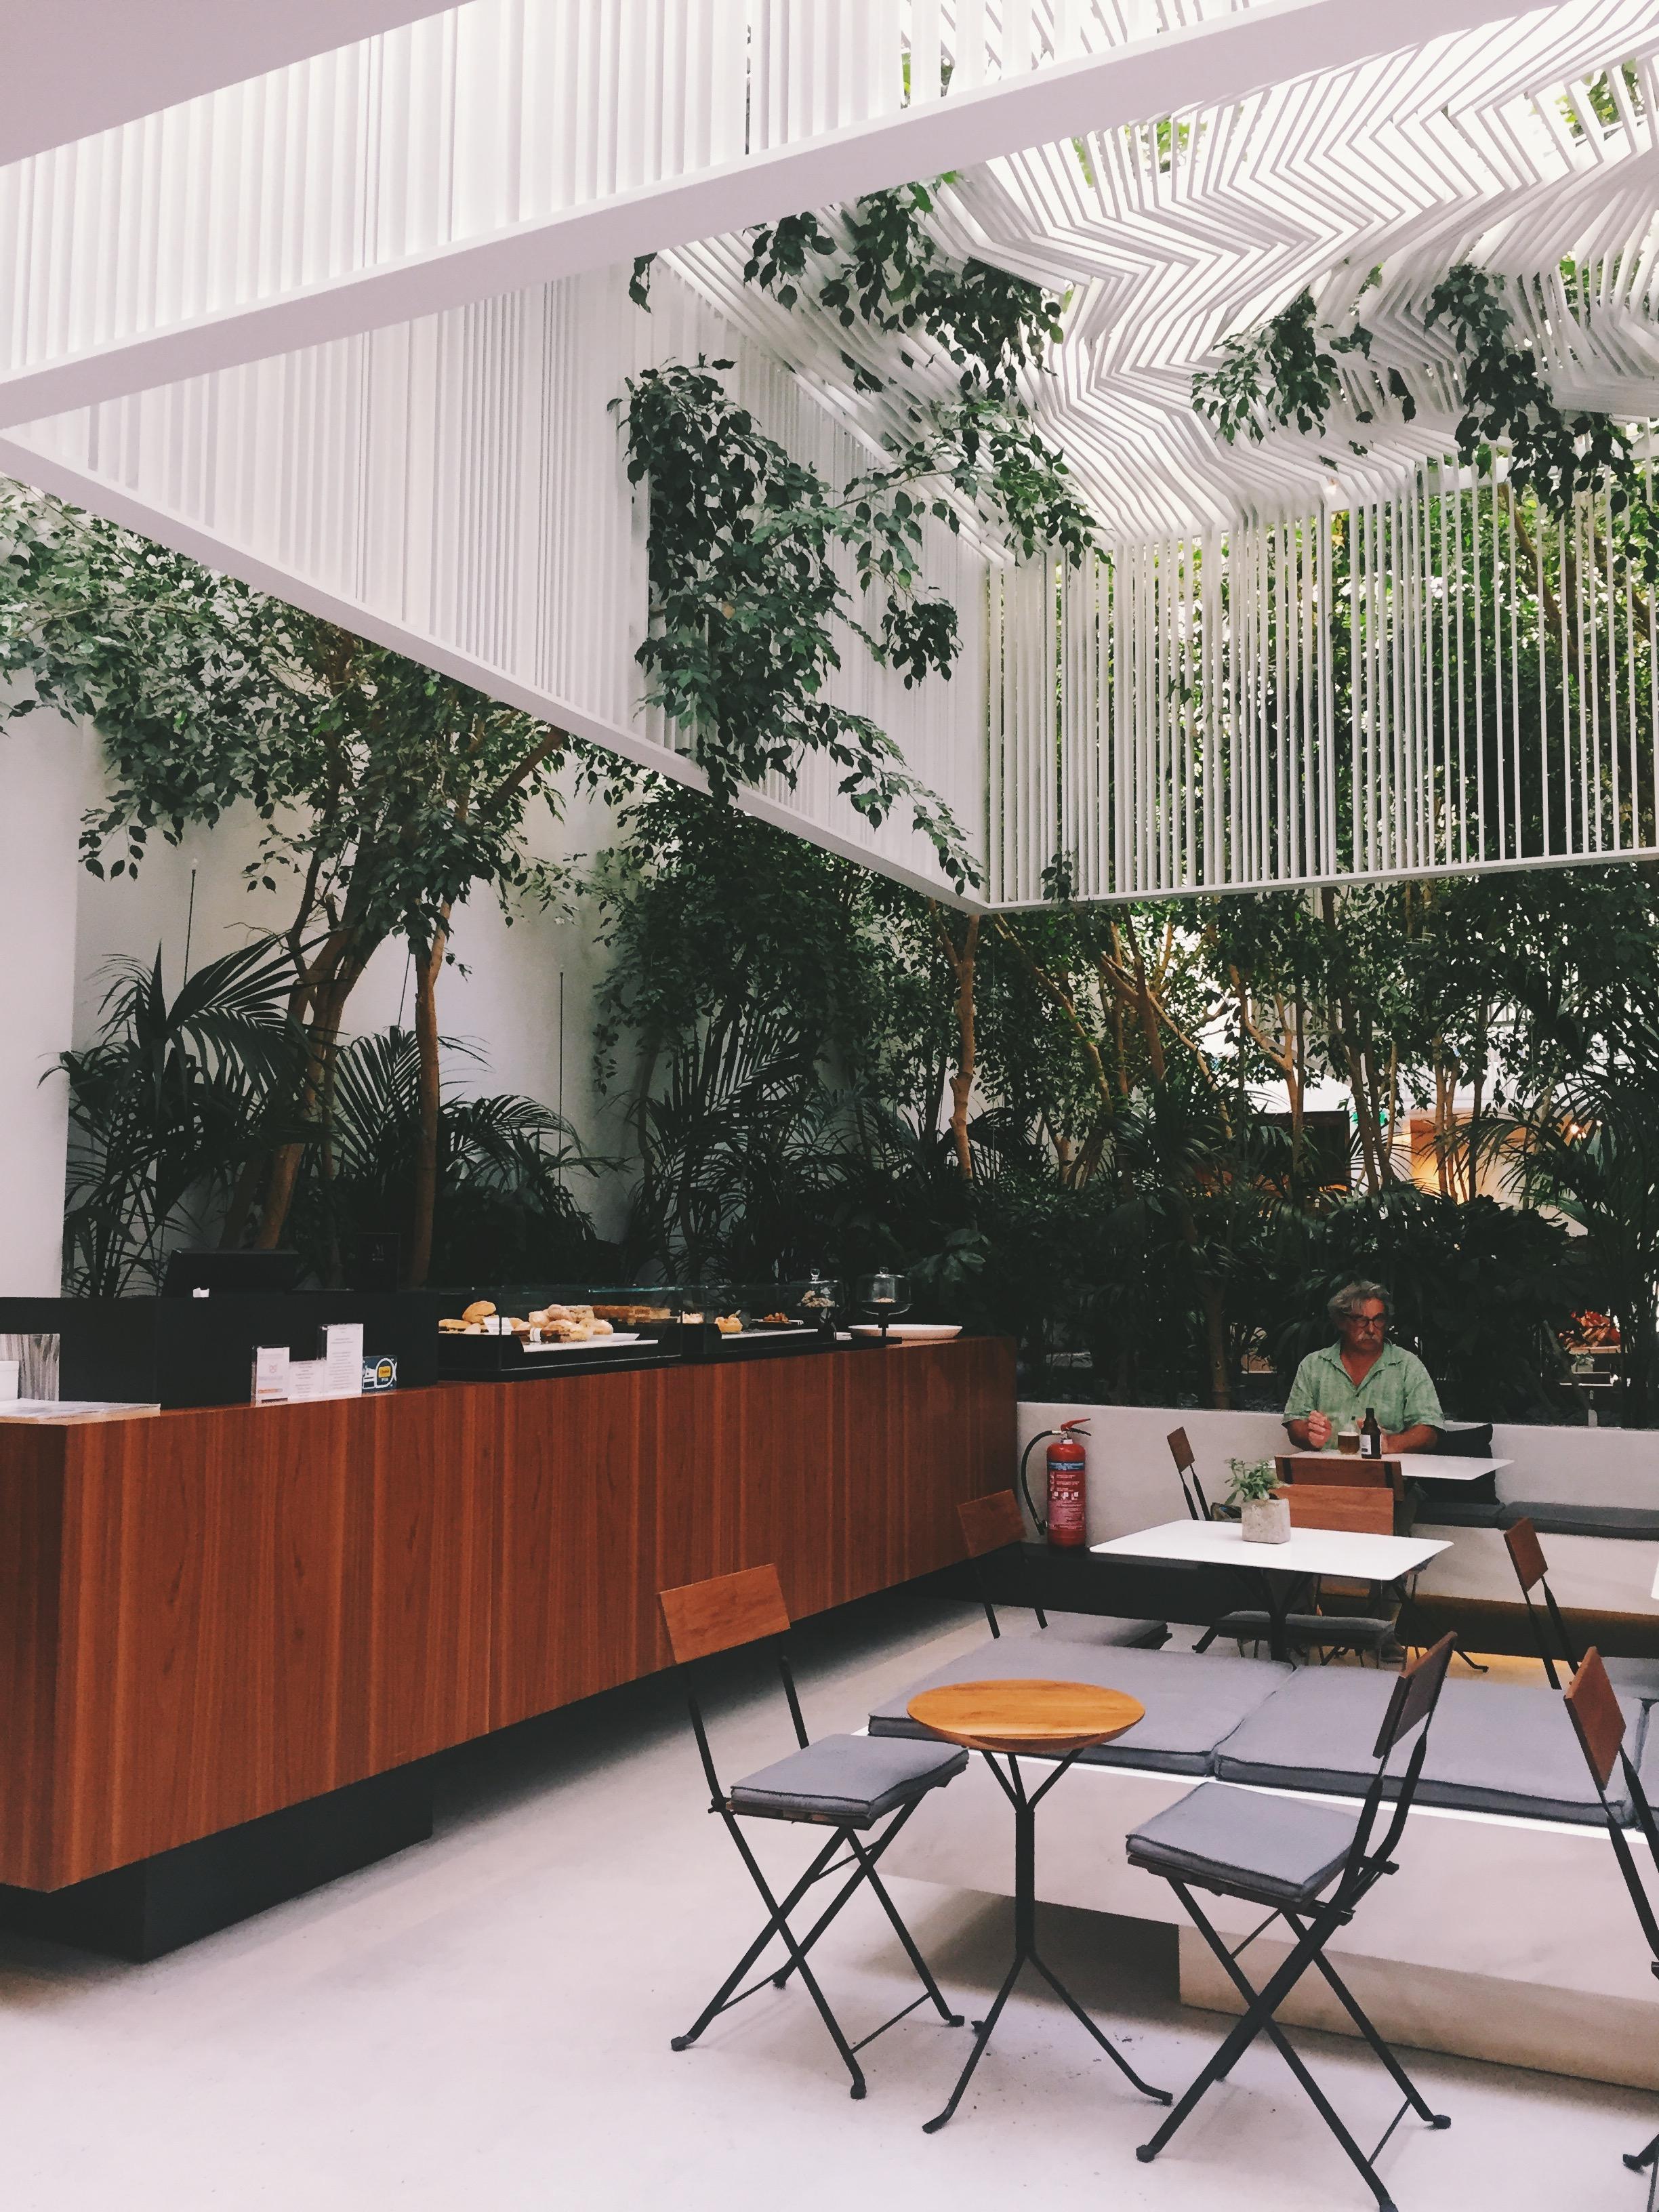 Café Μουσείου Κυκλαδικής Τέχνης